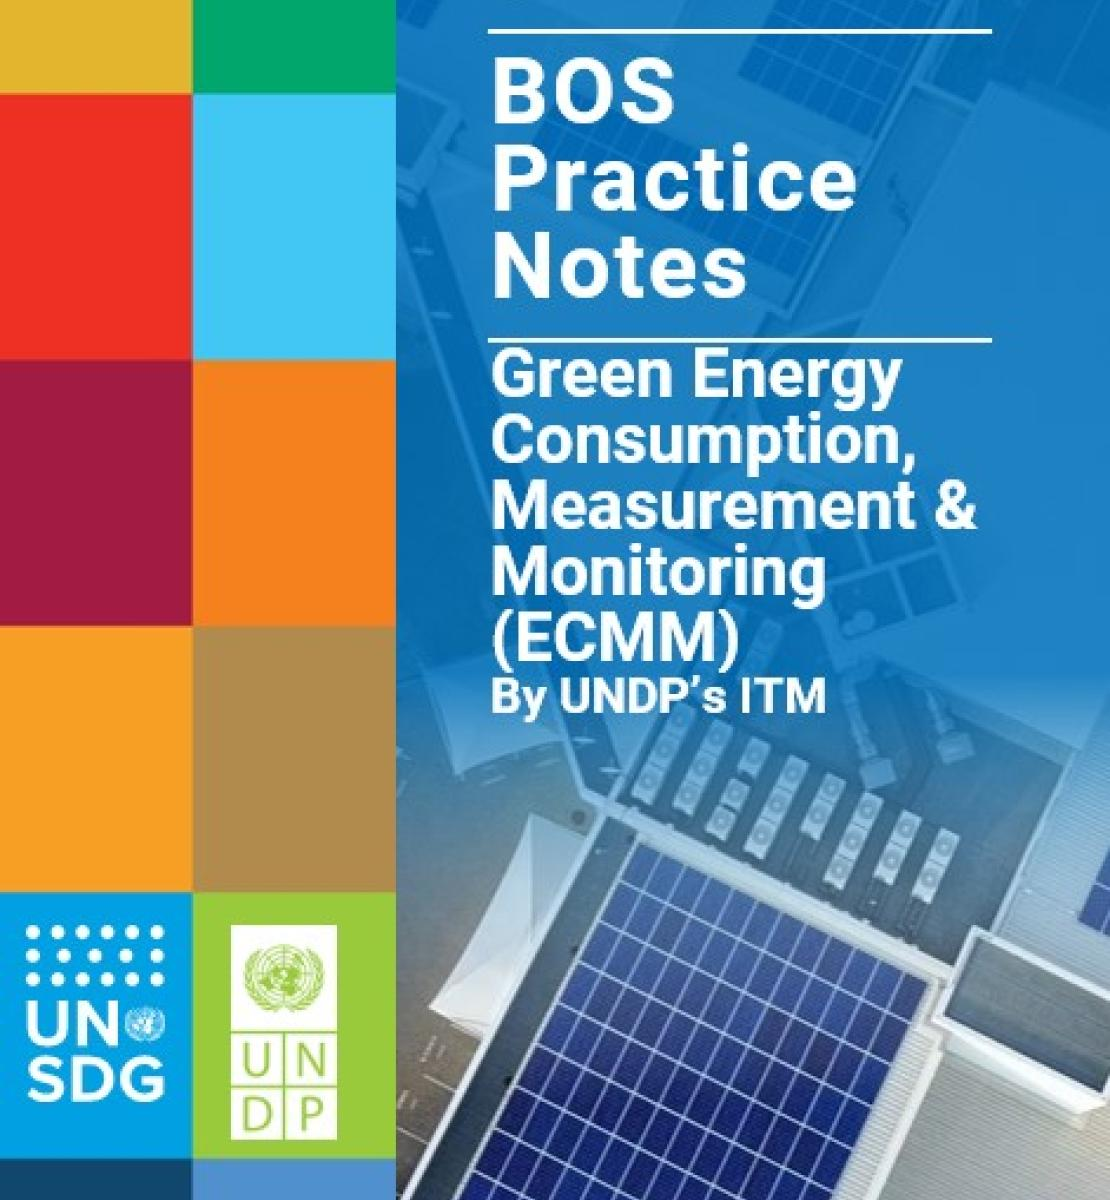 منظر جوي للألواح الشمسية ذات المربعات الملونة لأهداف التنمية المستدامة وشعار مجموعة الأمم المتحدة للتنمية المستدامة وبرنامج الأمم المتحدة الإنمائي وعنوان مذكرة الممارسات.